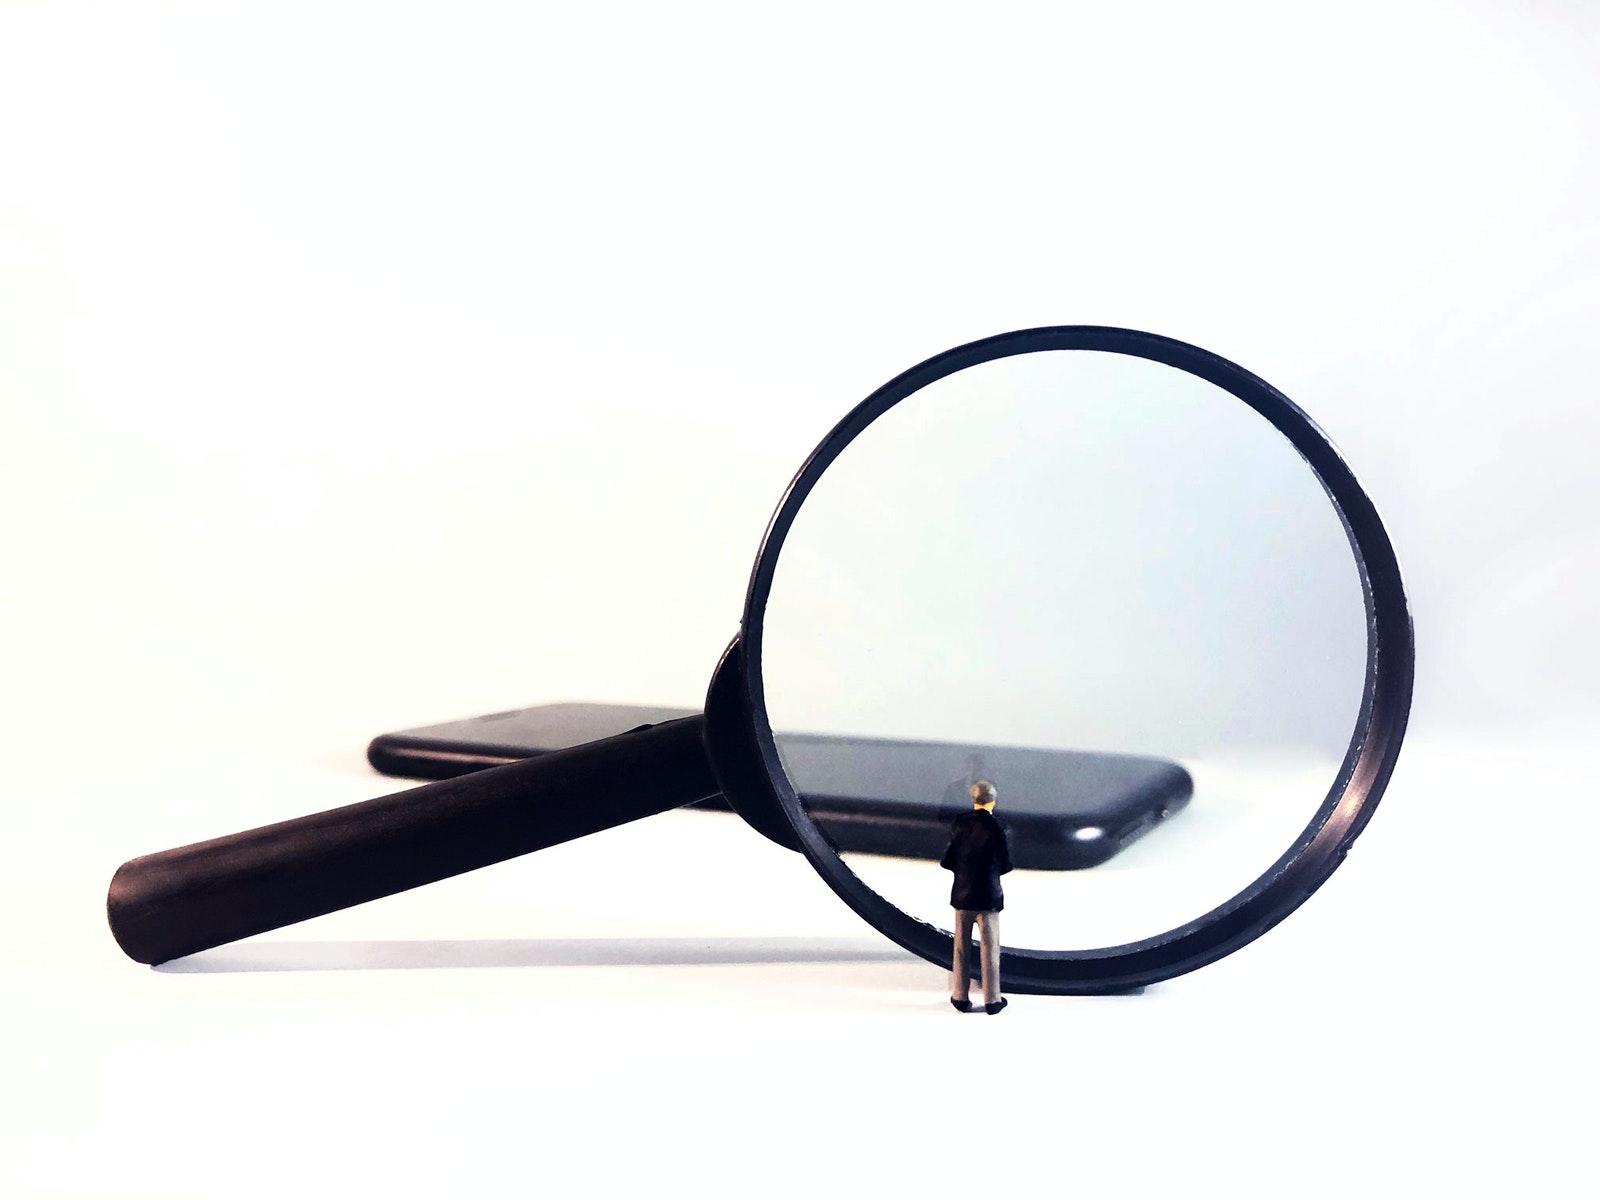 3erstklassig bewertete Remote-Monitoring-Tools für das IT-Management